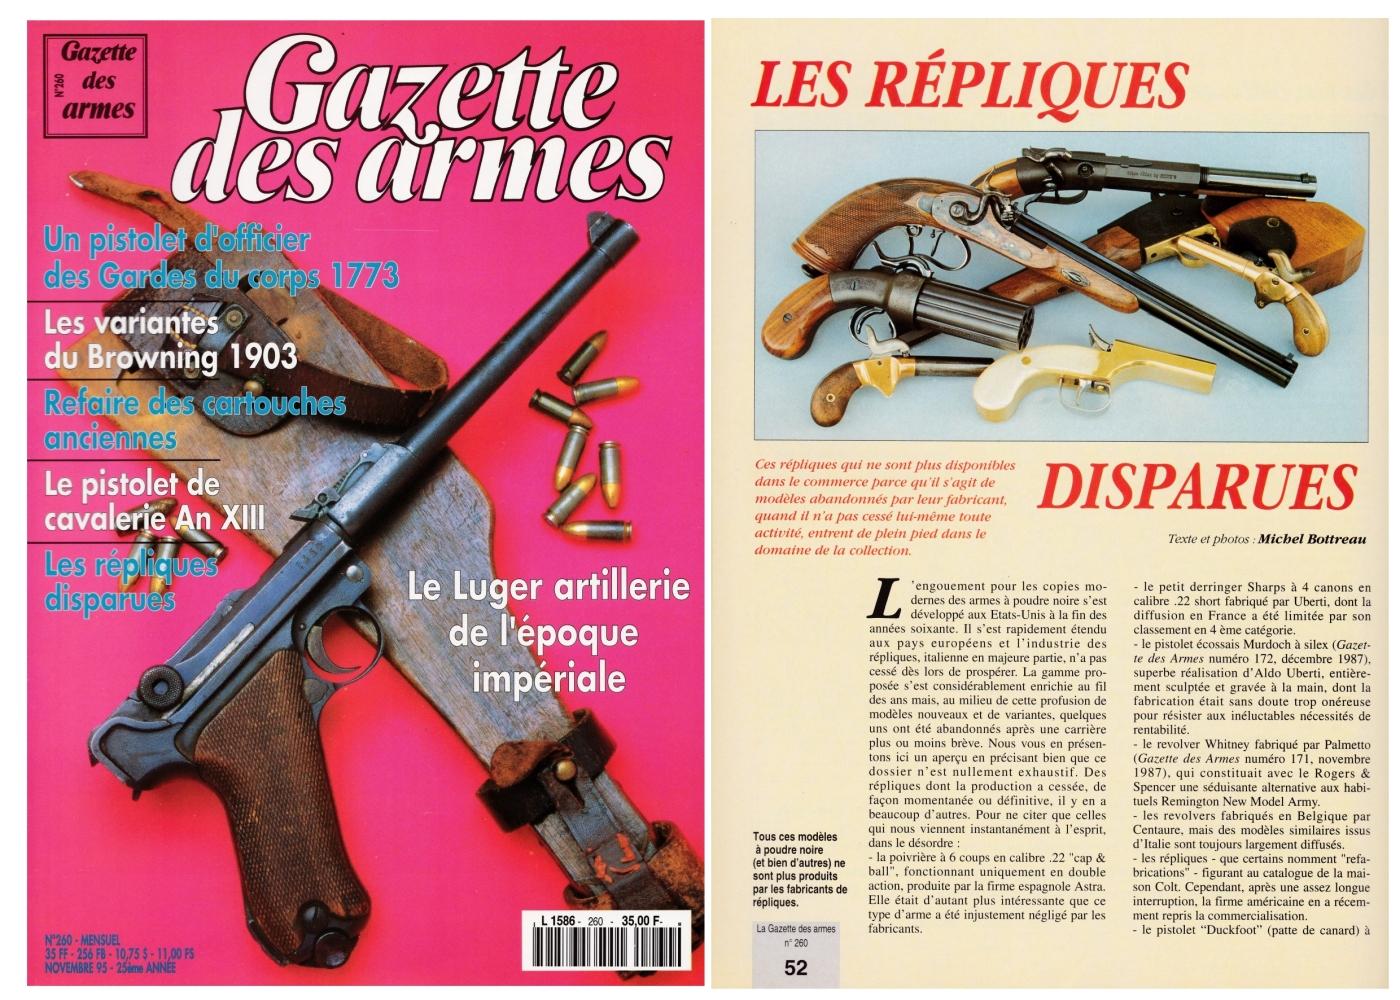 """Cet article consacré aux """"Répliques disparues"""" a été publié sur 6 pages dans le magazine Gazette des Armes n°260 (novembre 1995)."""